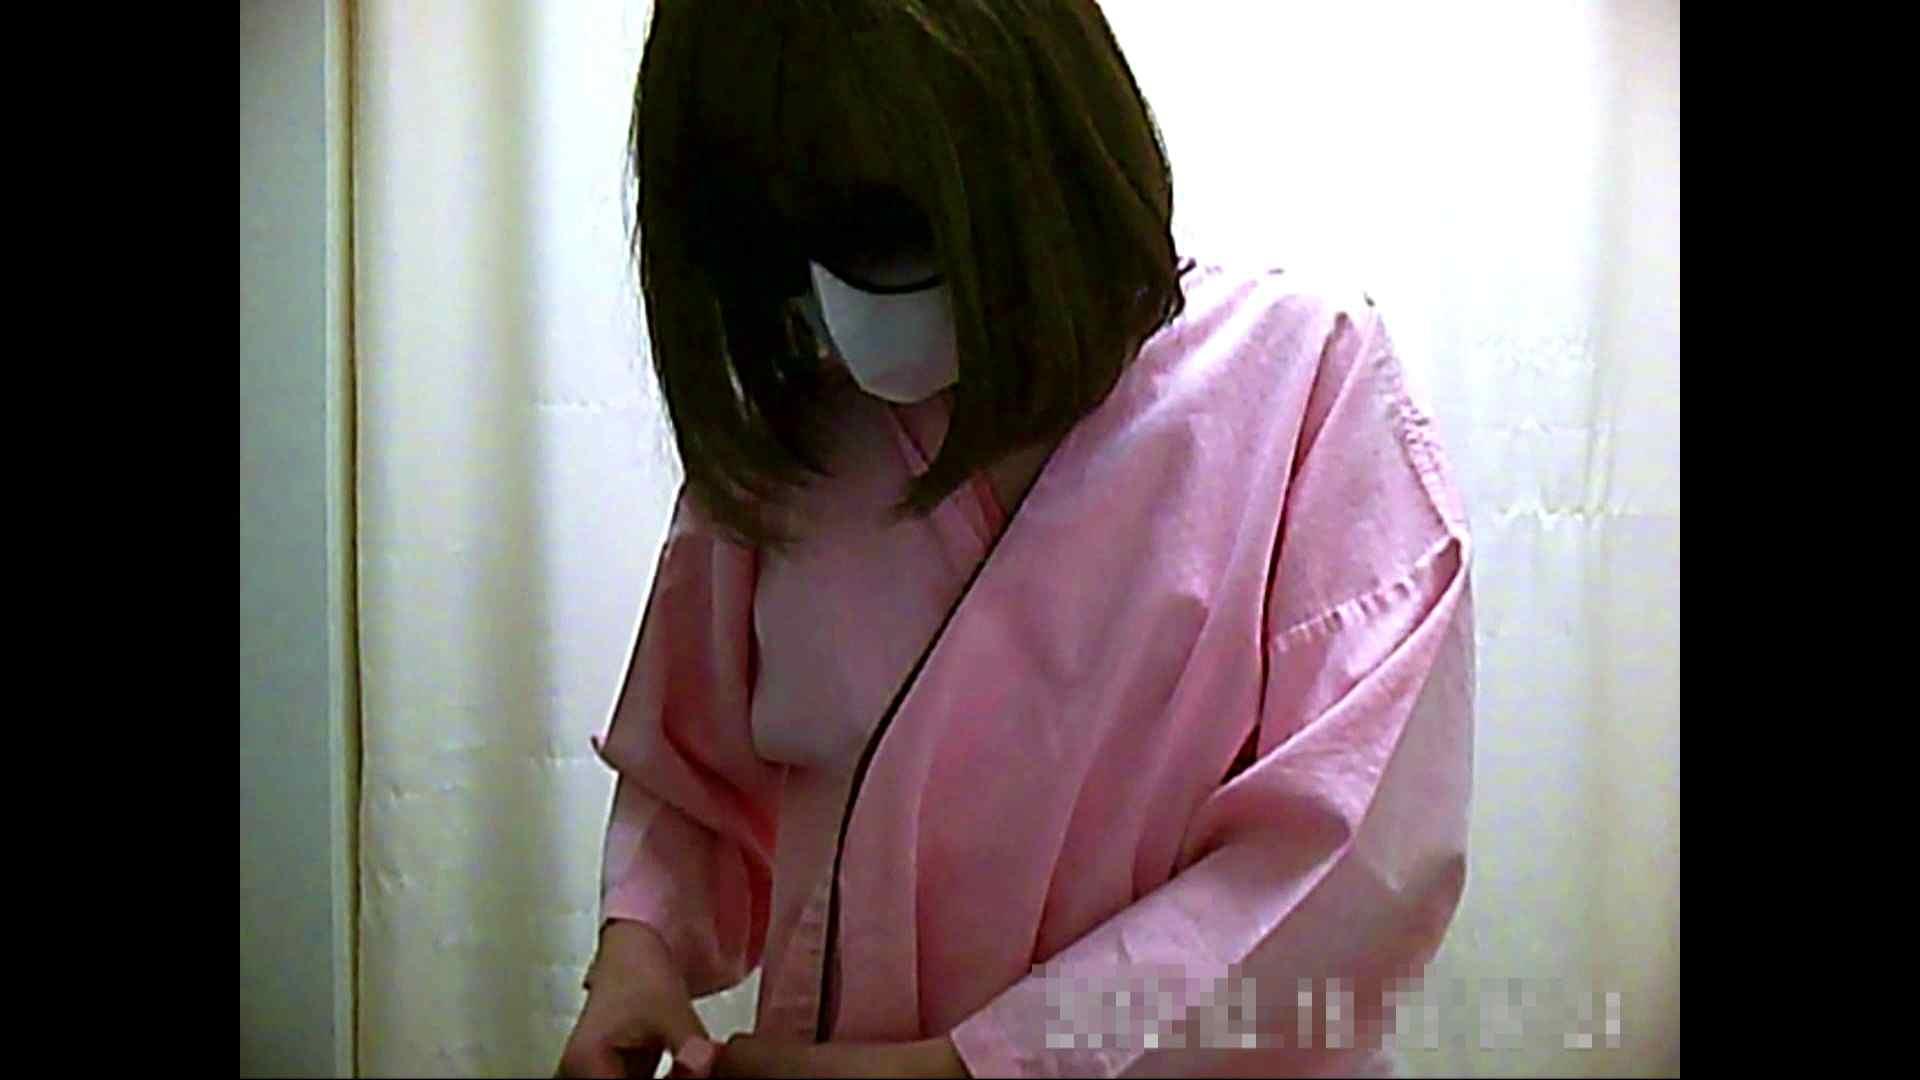 元医者による反抗 更衣室地獄絵巻 vol.037 OL   0  51連発 15